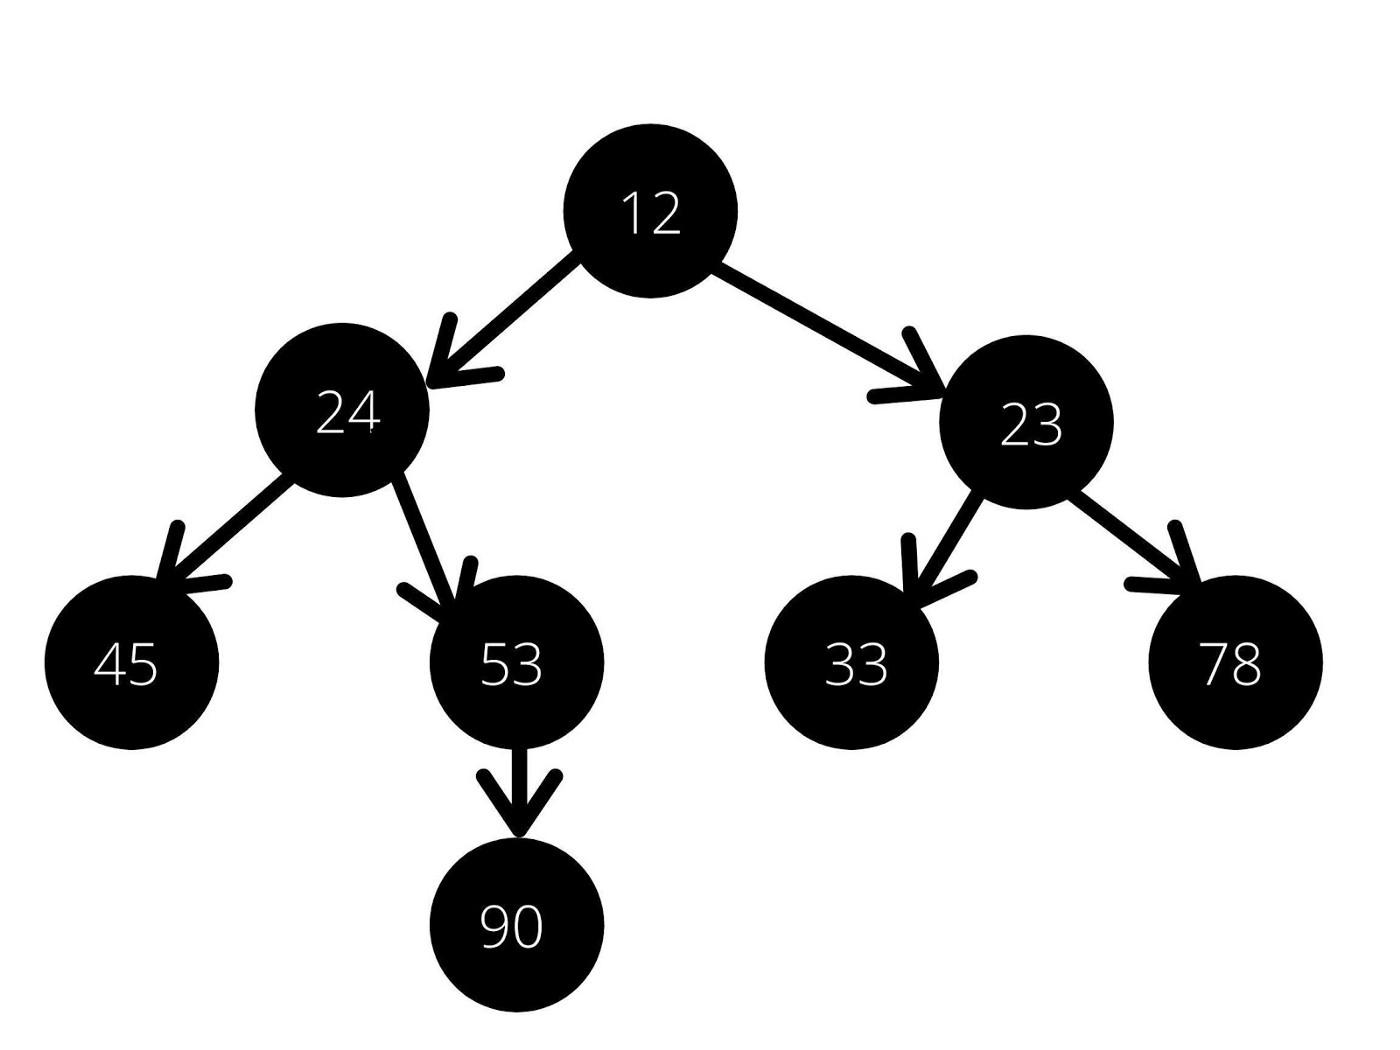 8种基本数据结构简介,了解最常见数据结构背后的基本概念 12